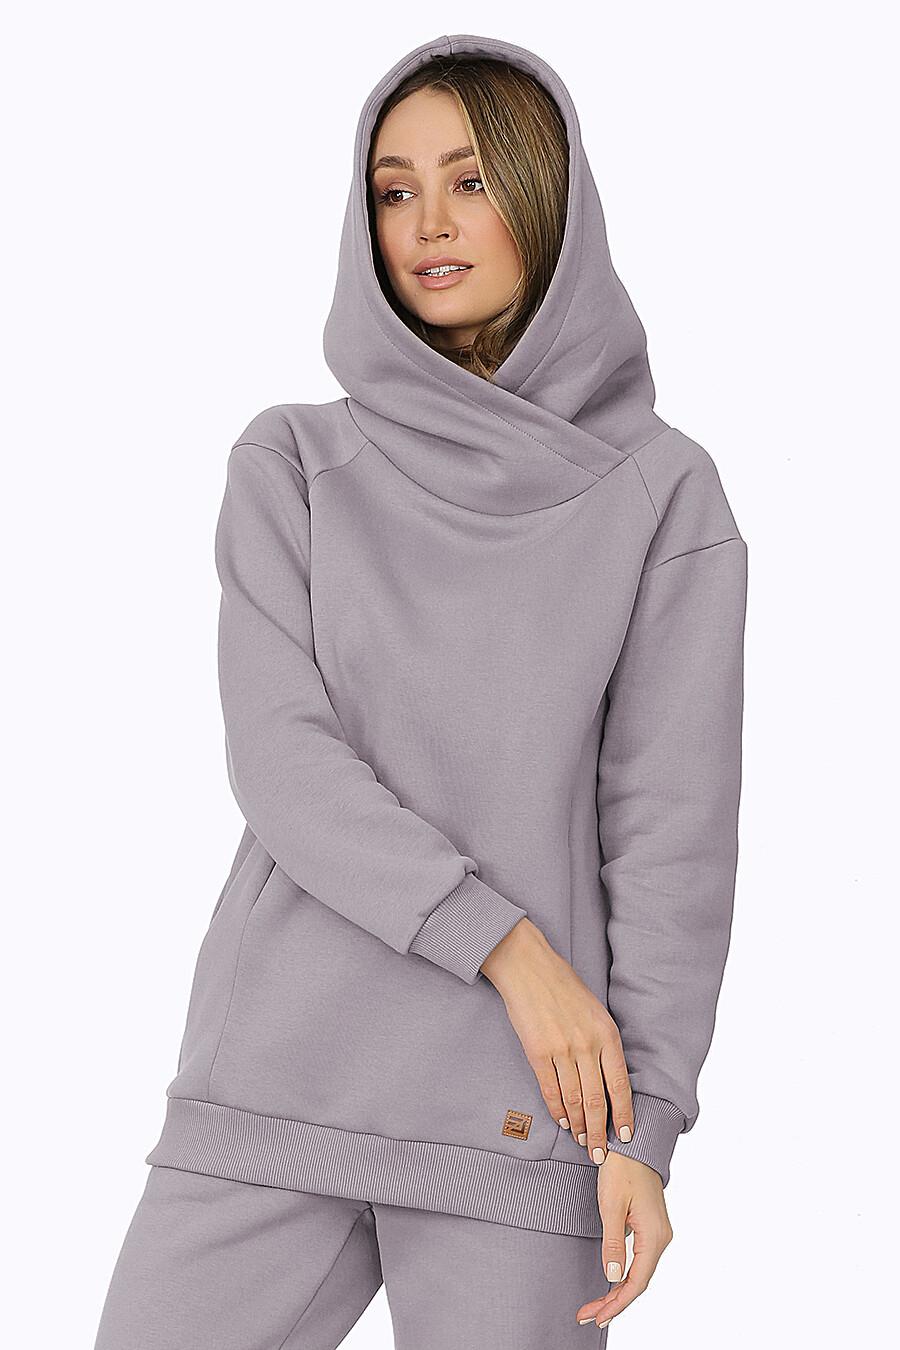 Костюм (Брюки+Худи) для женщин EZANNA 708533 купить оптом от производителя. Совместная покупка женской одежды в OptMoyo